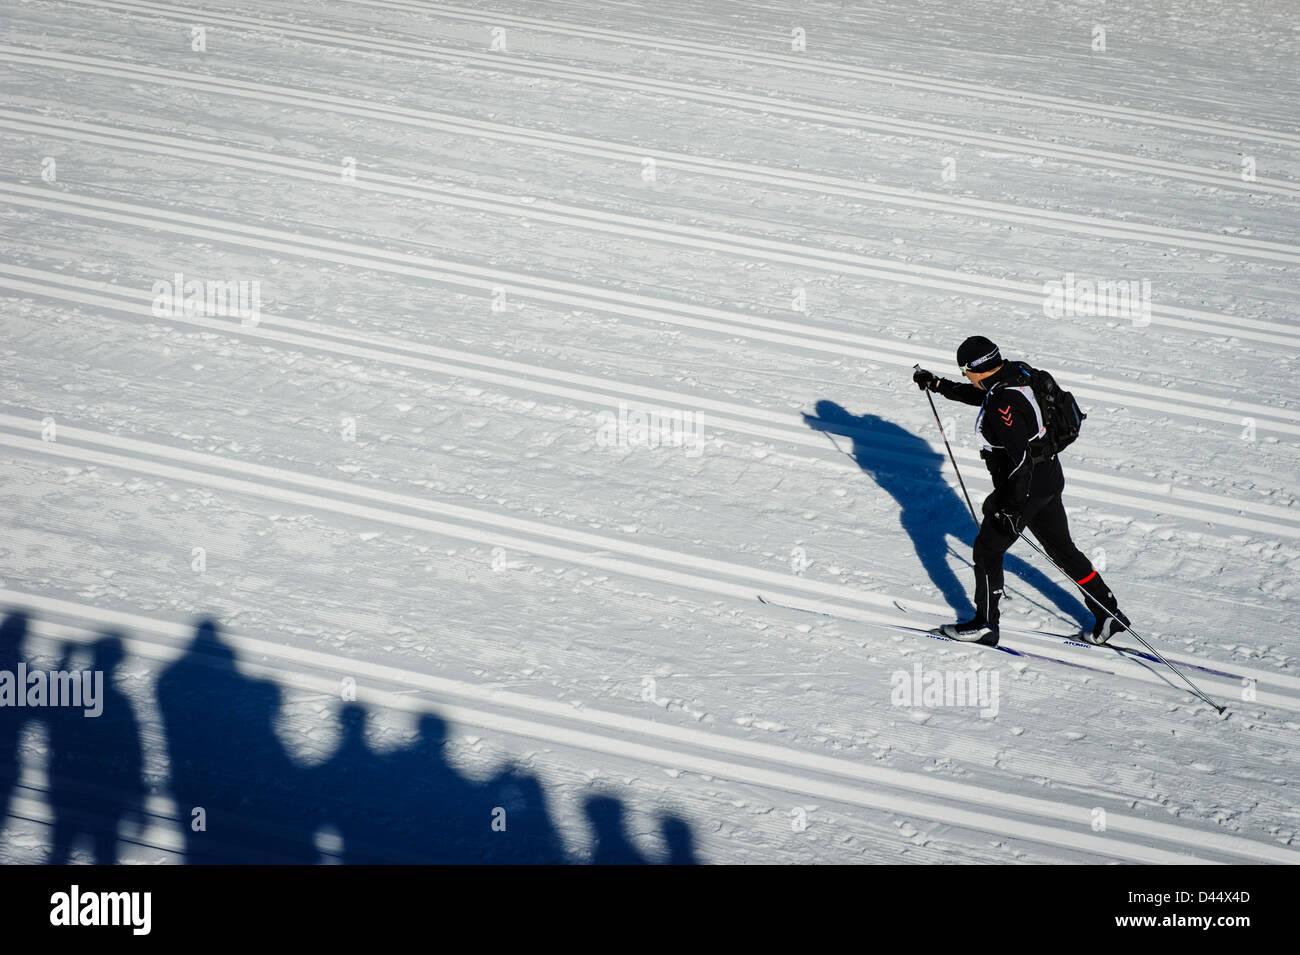 Un concurrent vu à la piste de course du Bieg Piastow cross-country, Jakuszyce, Pologne. Banque D'Images